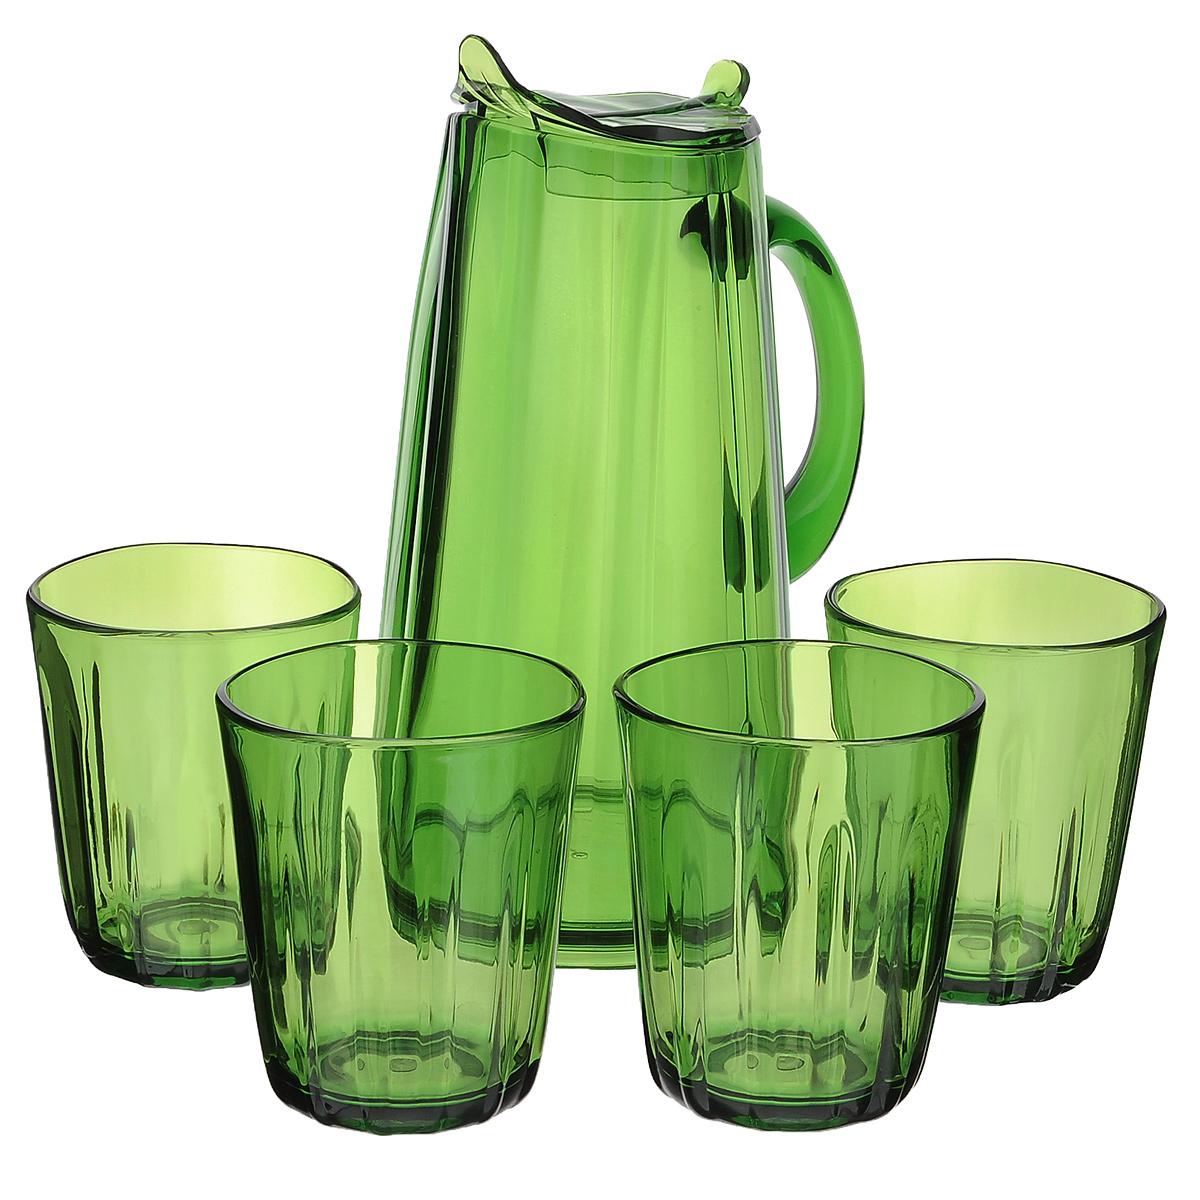 Набор для сока Louis Gourmet Листок, цвет: зеленый, 5 предметовGL 1902Набор для сока Louis Gourmet Листок выполнен из высококачественного пластика. Набор состоит из графина с крышкой и 4 стаканов. Графин и стаканы выполнены в оригинальном дизайне и украсят любой праздничный стол. Благодаря такому набору пить напитки будет еще вкуснее. Набор для сока Louis Gourmet Листок станет также отличным подарком на любой праздник. Высота стенок графина: 23,5 см. Объем графина: 1,75 л. Диаметр графина по верхнему краю: 8 см. Высота стакана: 10,5 см. Объем стакана: 400 мл. Диаметр стакана по верхнему краю: 8,5 см.